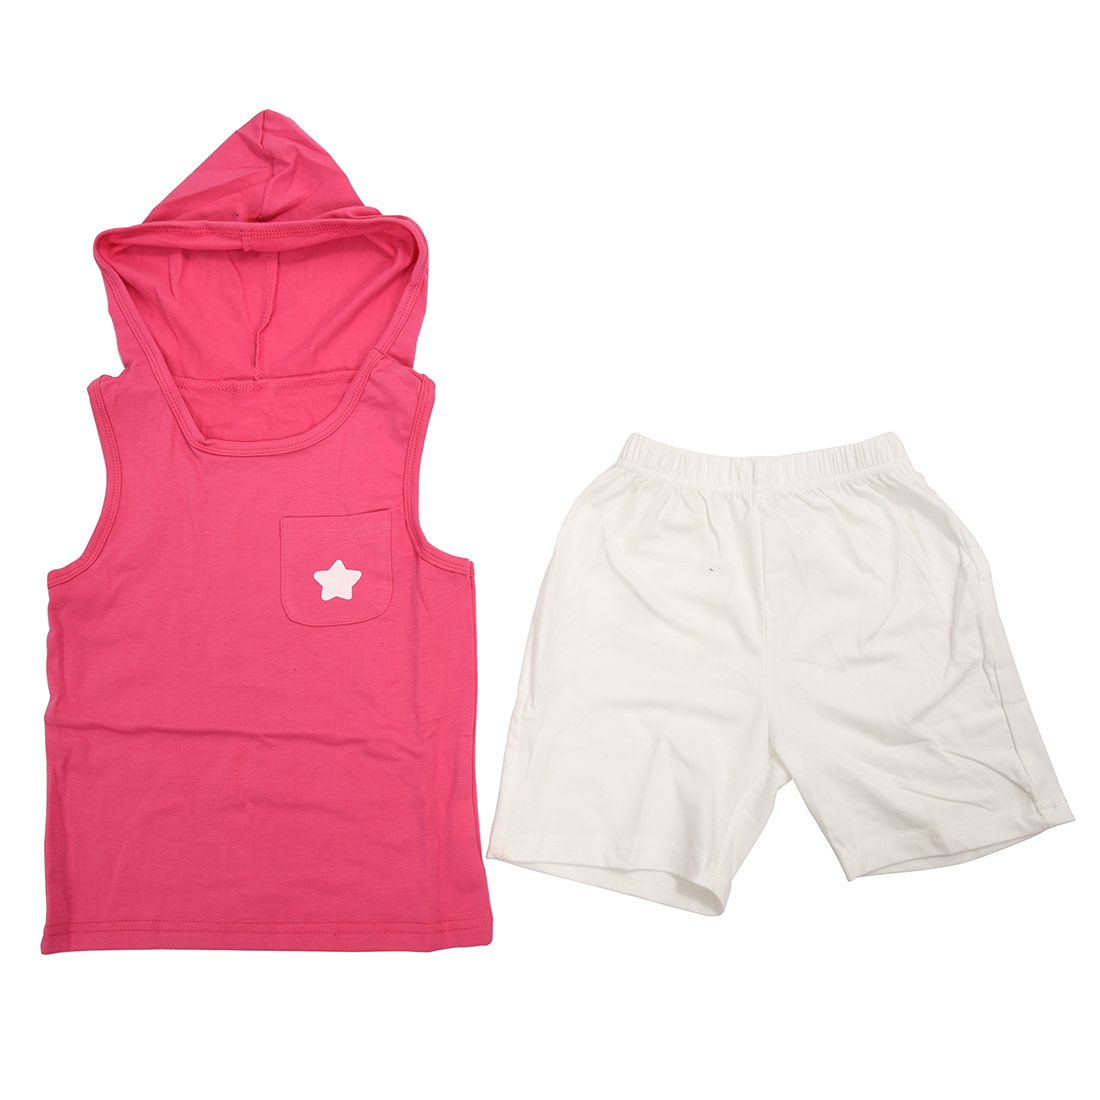 Для мальчиков и девочек детская одежда из хлопка летняя одежда Детские комплект одежды д ...